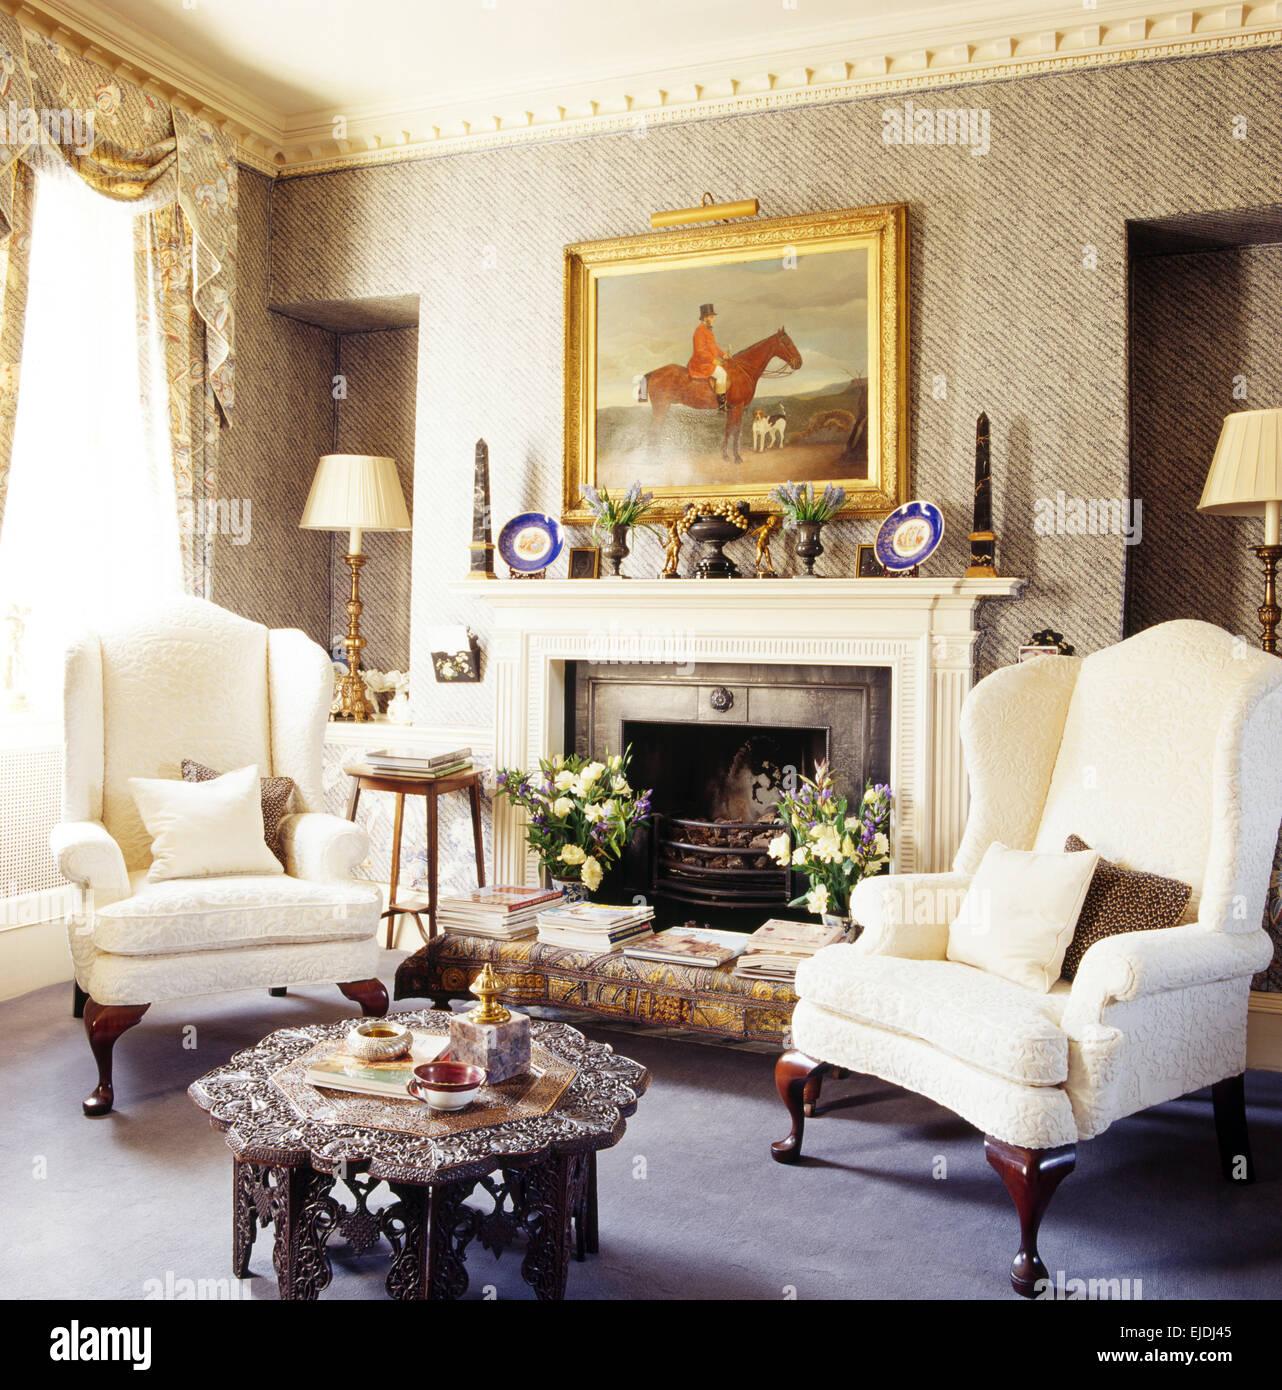 Weiße Flügel Stühle Und Marokkanischen Stil Couchtisch Im Wohnzimmer Mit  Grauen Tapeten Und Jagd Gemälde